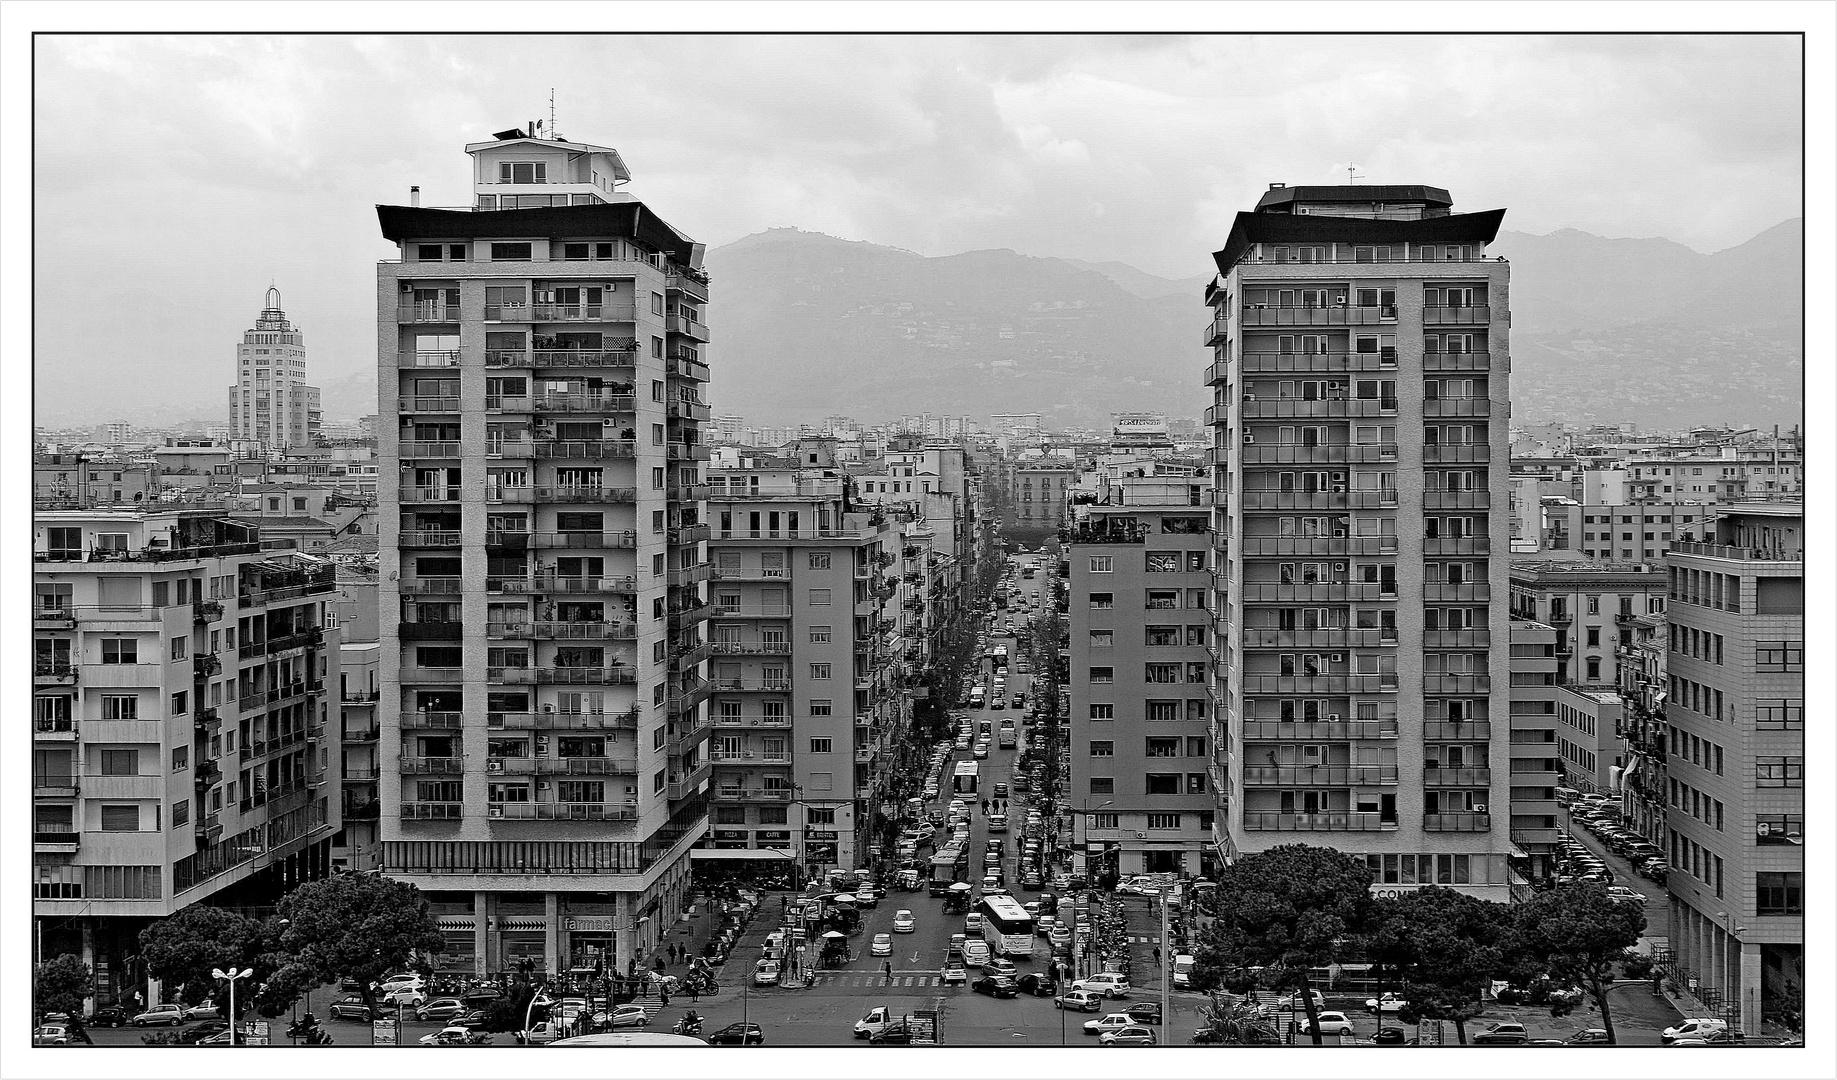 Palermo im Regen!